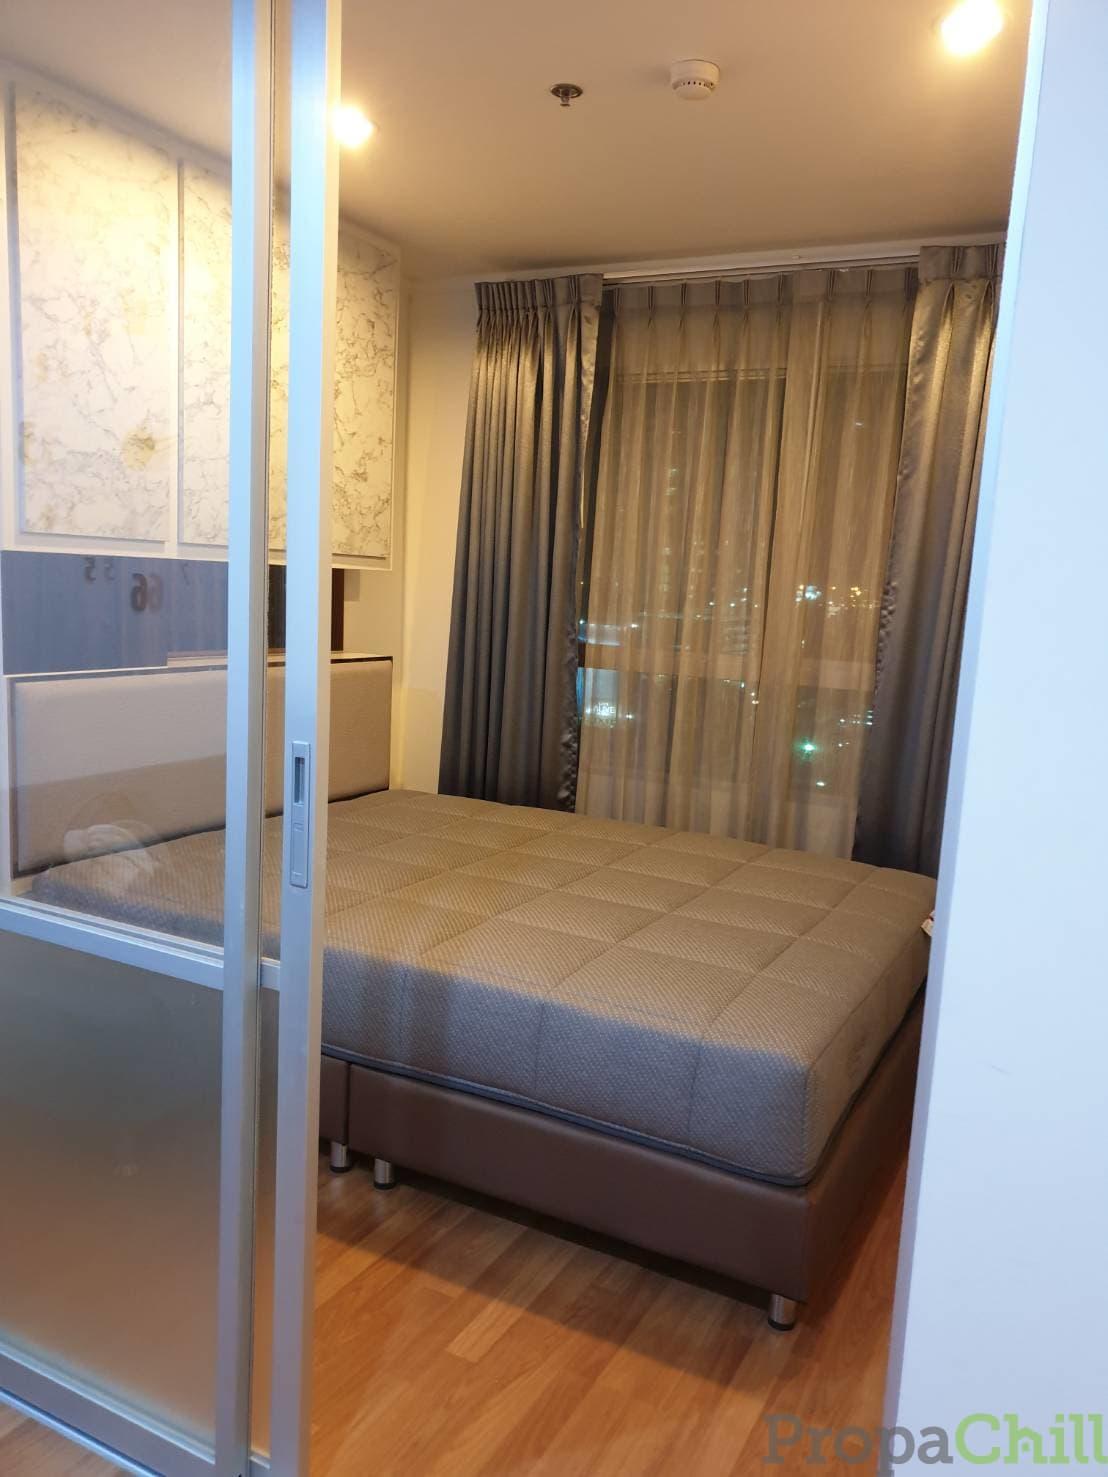 ให้เช่า คอนโด ลุมพินี พาร์ค พระราม 9 – รัชดา  (L.P.N. Park Rama 9-Ratchada)  ใกล้ RCA และ โรงพยาบาลปิยะเวช   ขนาด 26.50 ตร.ม  อาคาร A ชั้น 14 วิวสระ